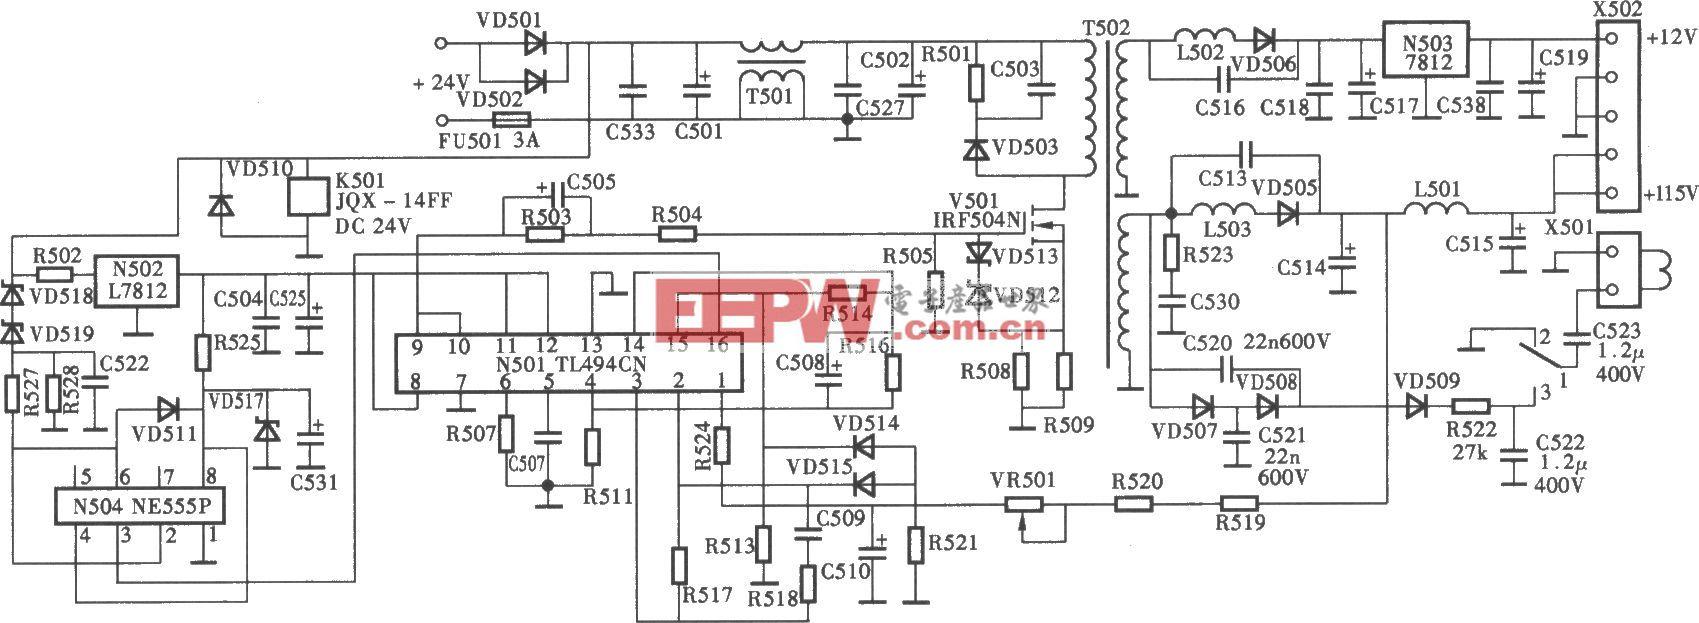 厦华车载彩电开关电源(TL49CN)电路